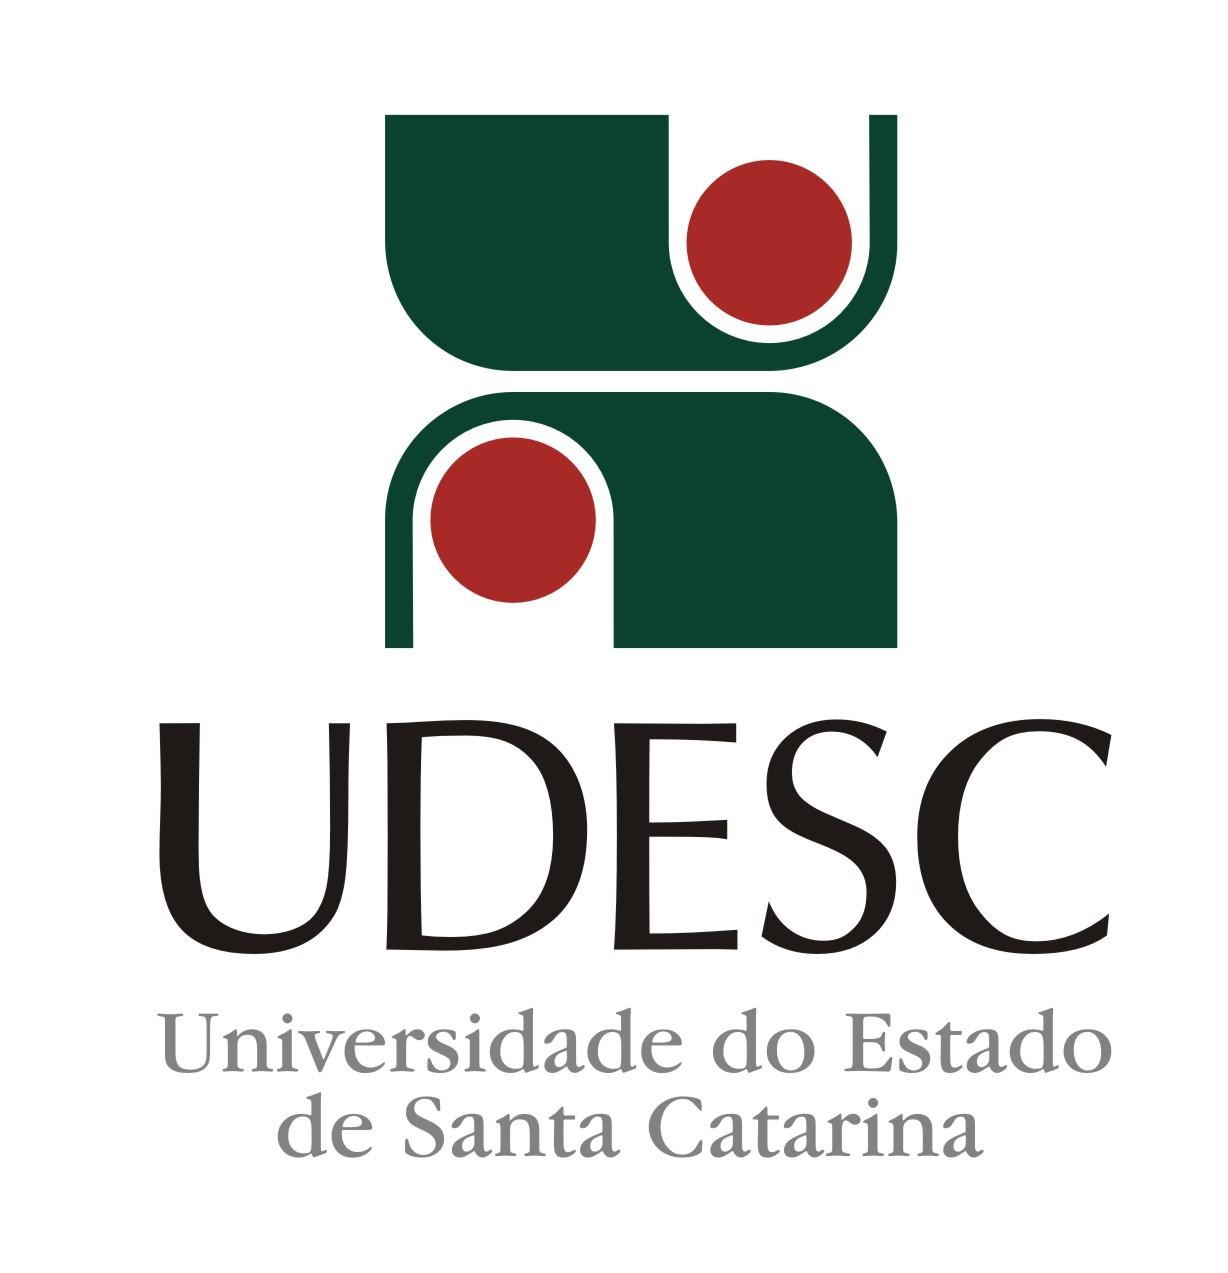 Veja o que saiu no Migalhas sobre Universidade do Estado de Santa Catarina